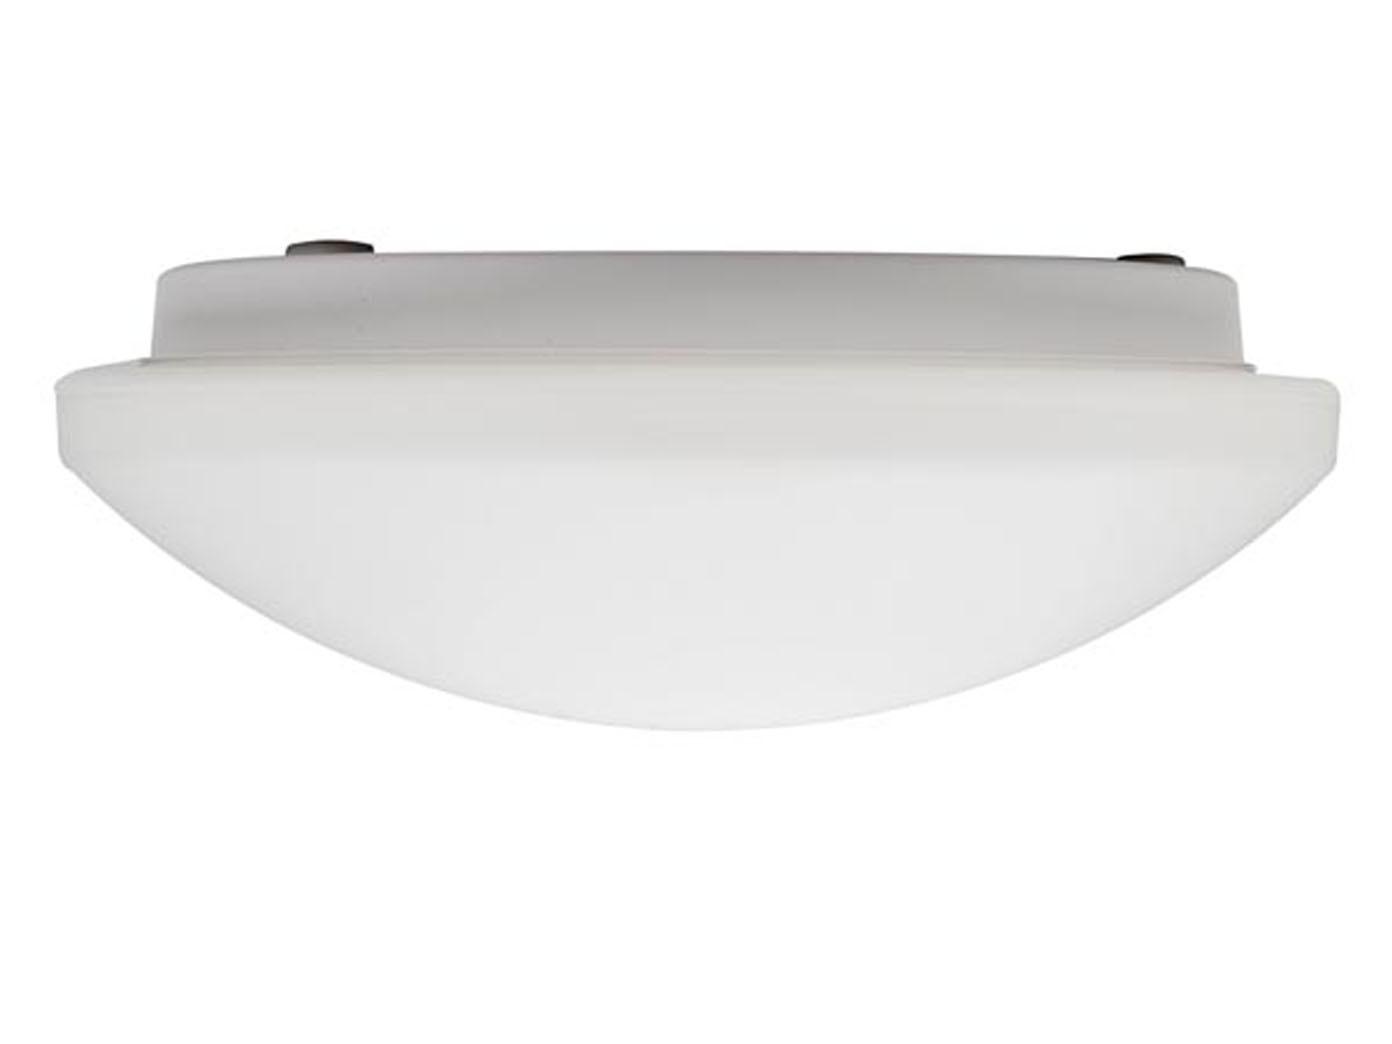 Ansprechend Deckenlampe Led Rund Sammlung Von 2 Von 6 Mit Bewegungsmelder Für Flur